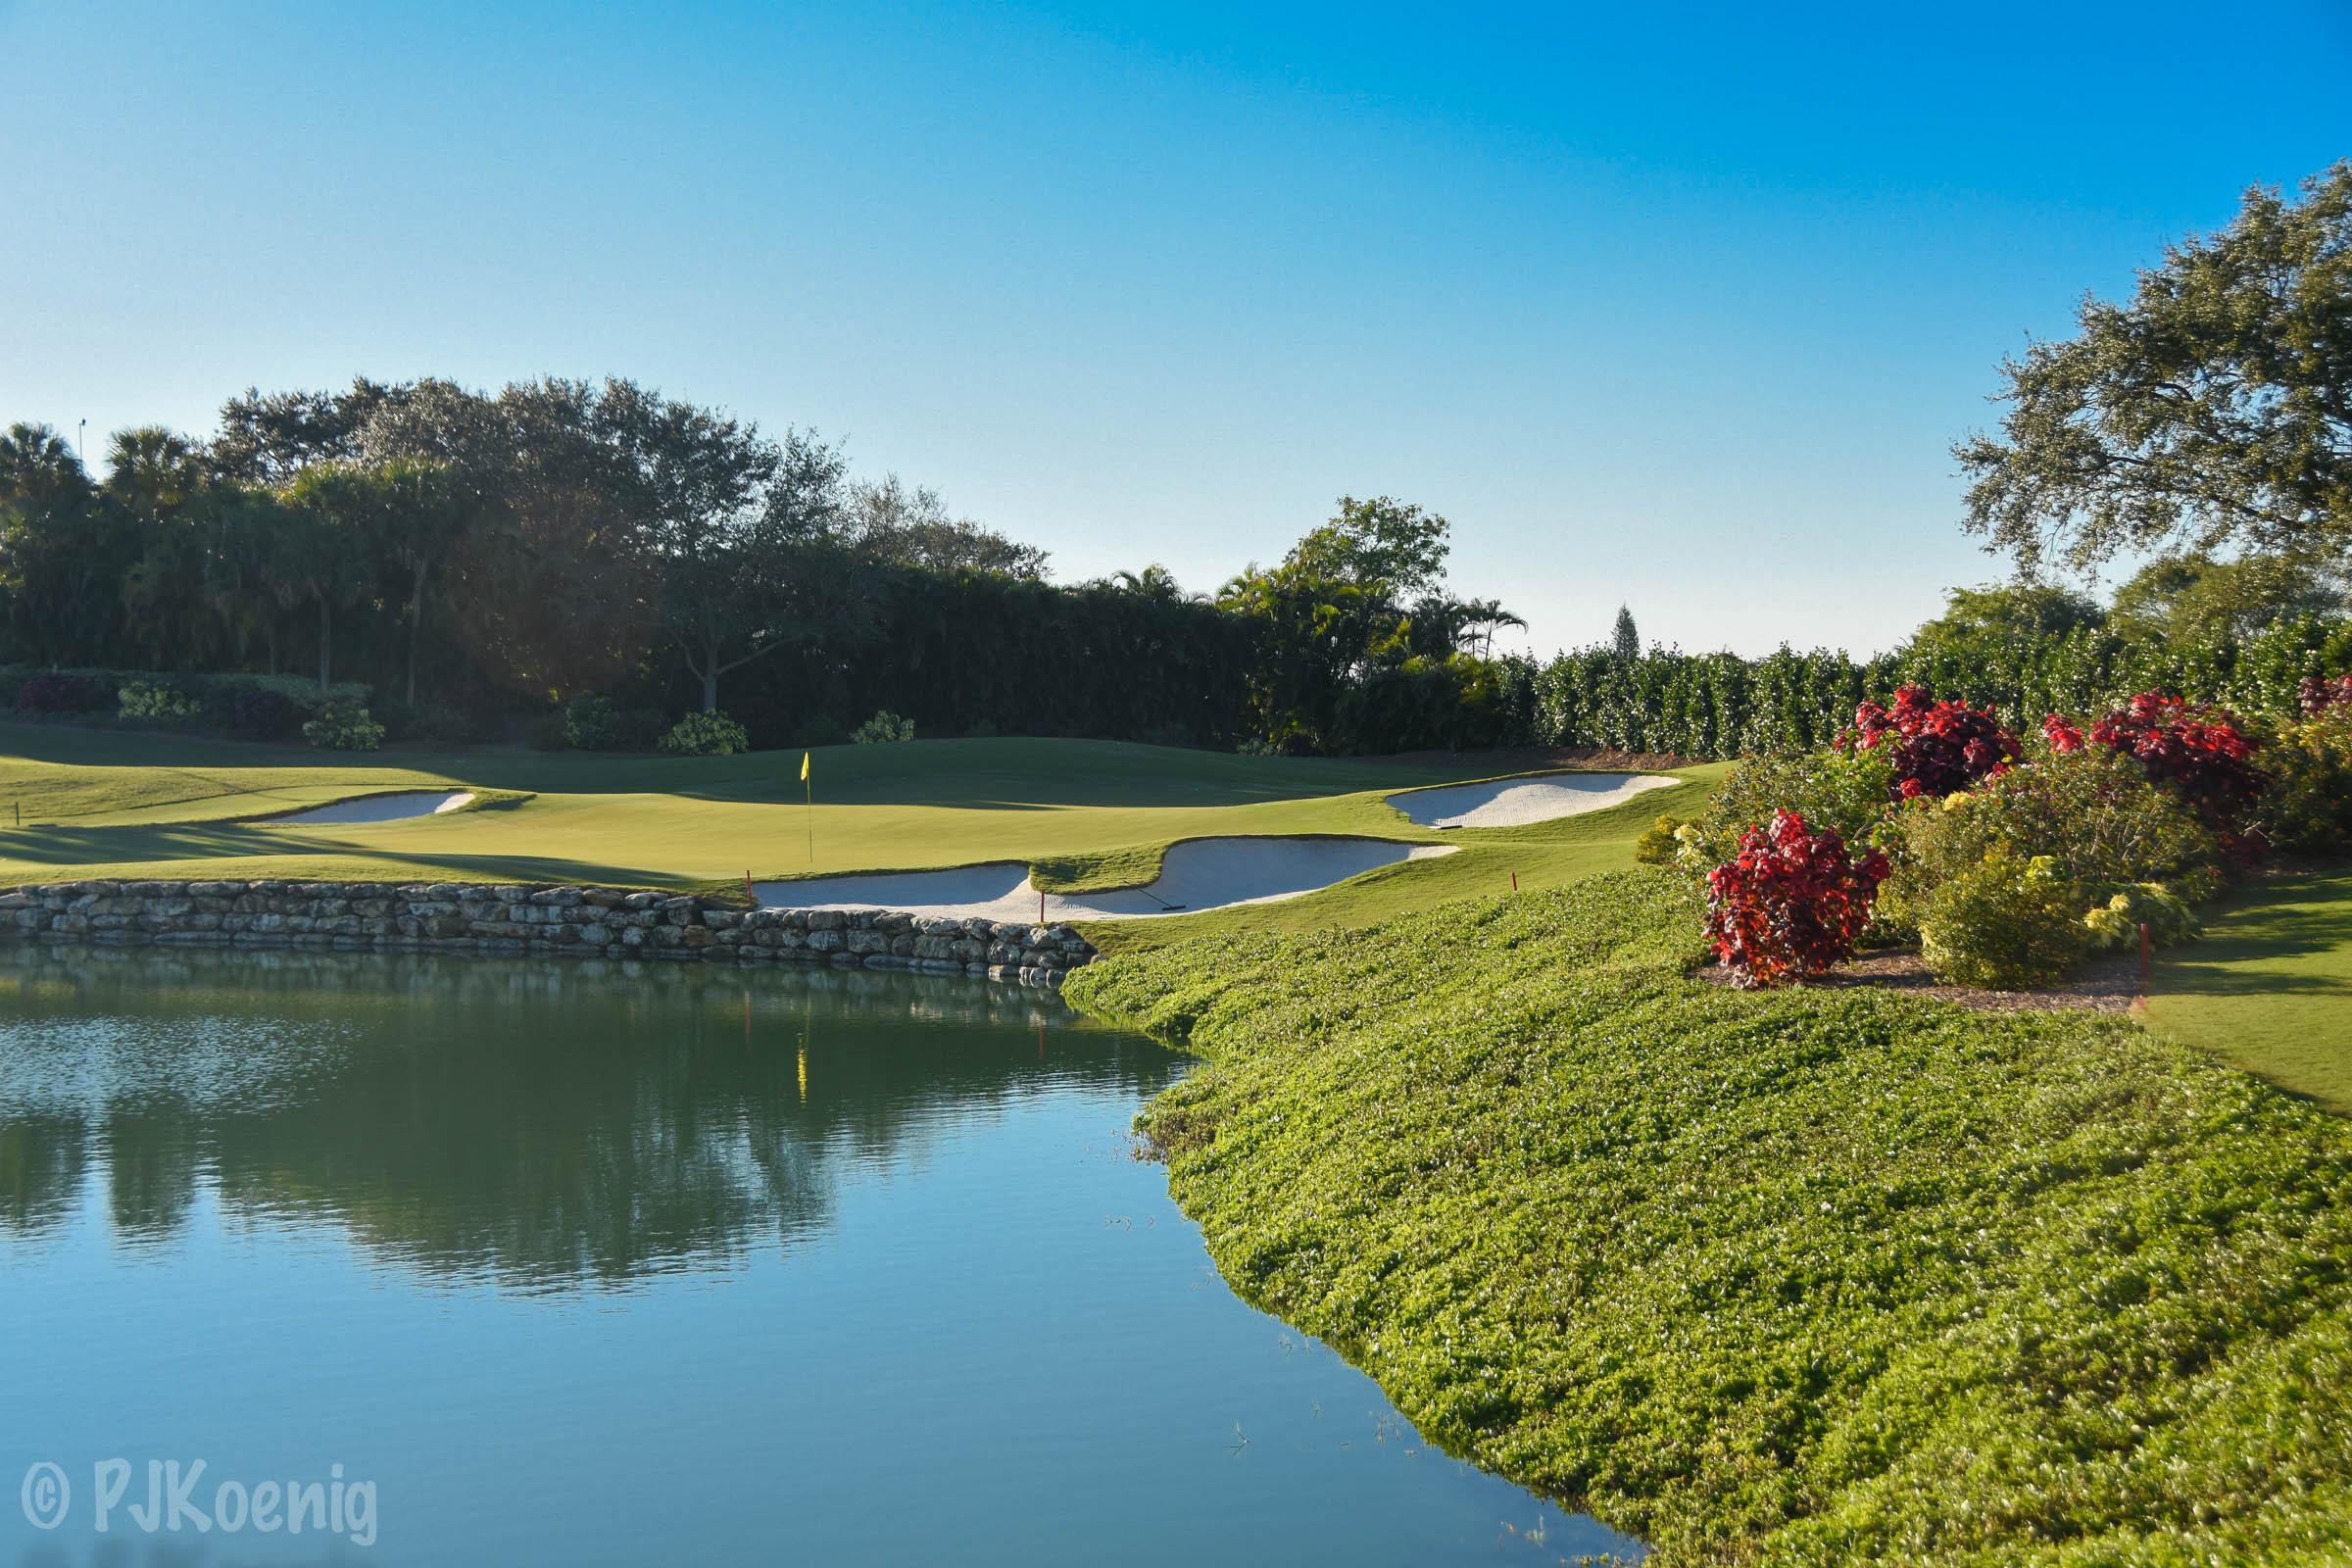 Adios Golf Club1-85.jpg